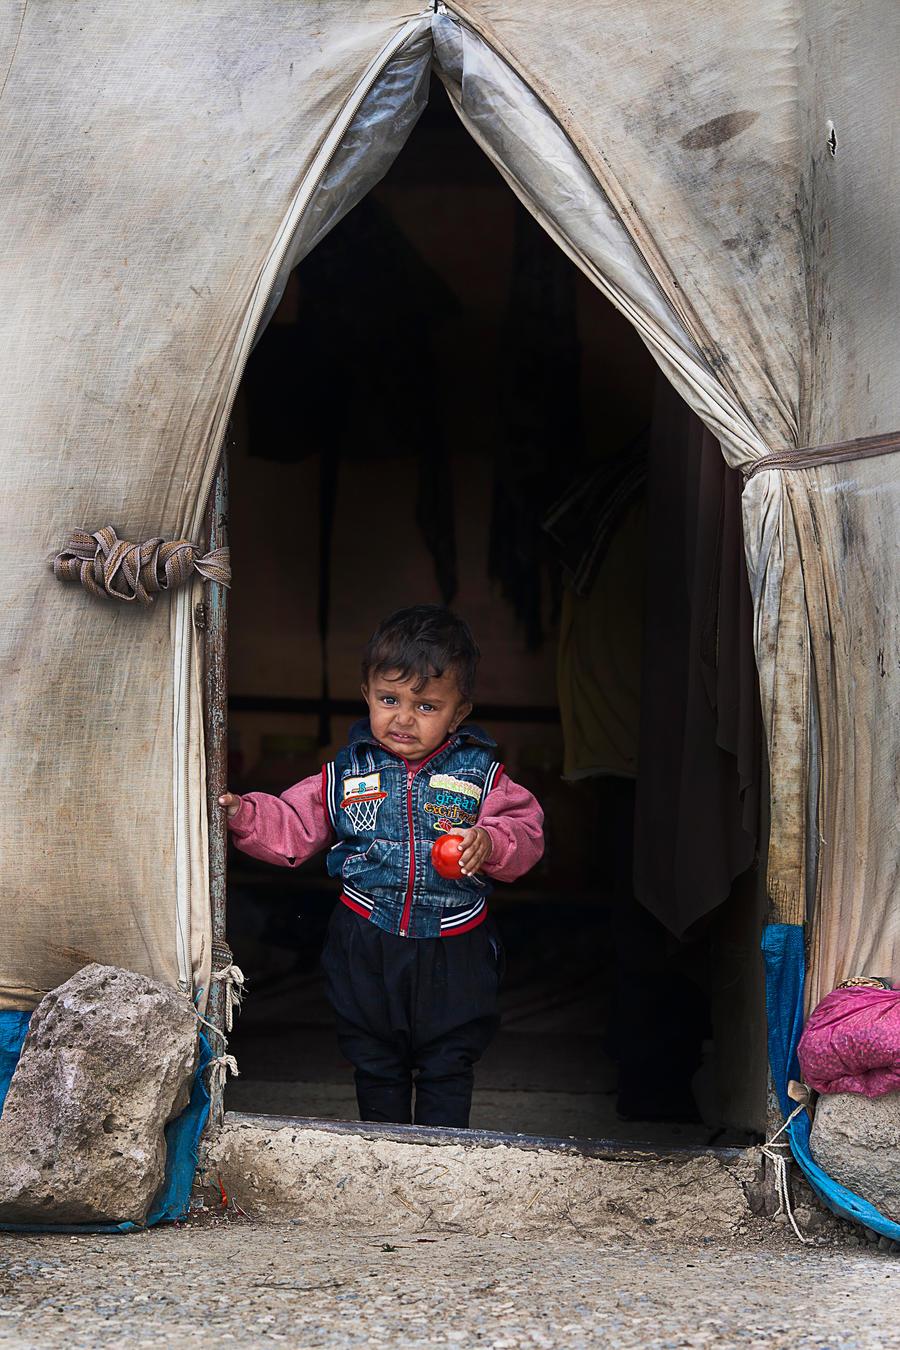 CADIRDA HAYATLAR(lives in tent) by excalibur38